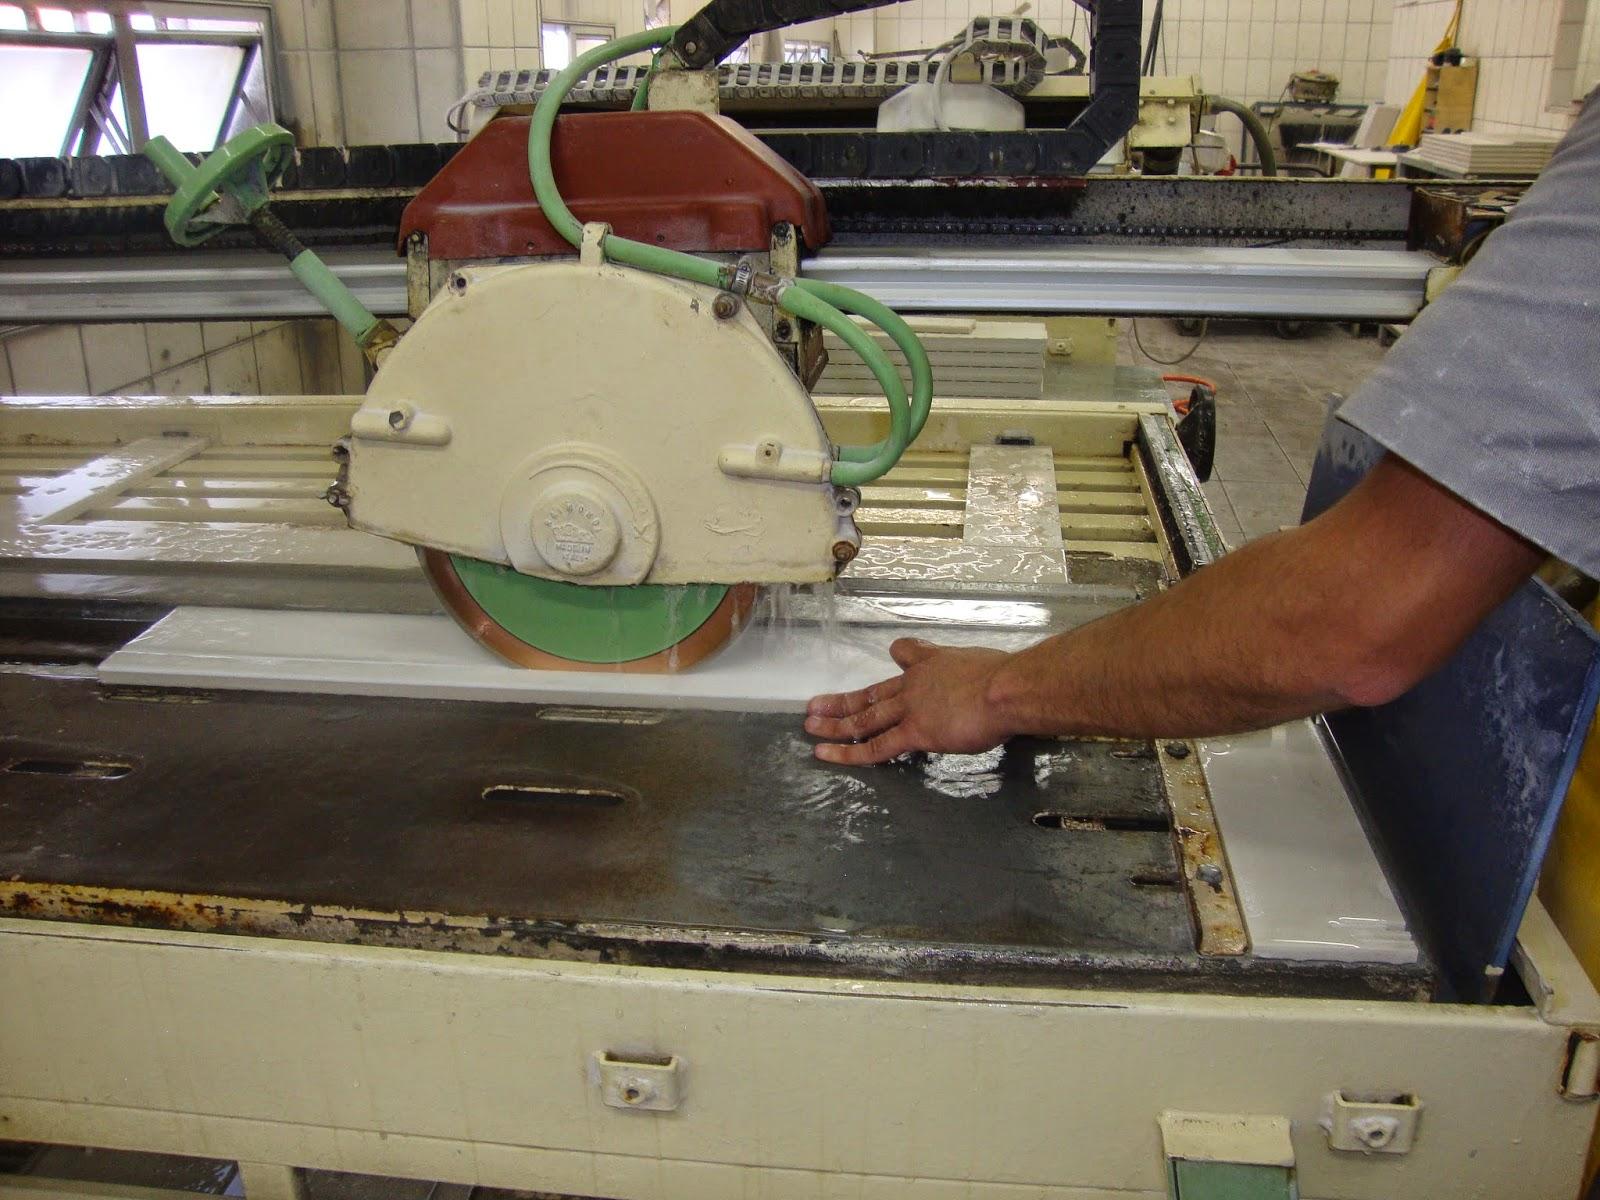 espanhol para o corte de porcelanato para montagem da bancada #673E2A 1600x1200 Bancada Banheiro Porcelanato Como Fazer